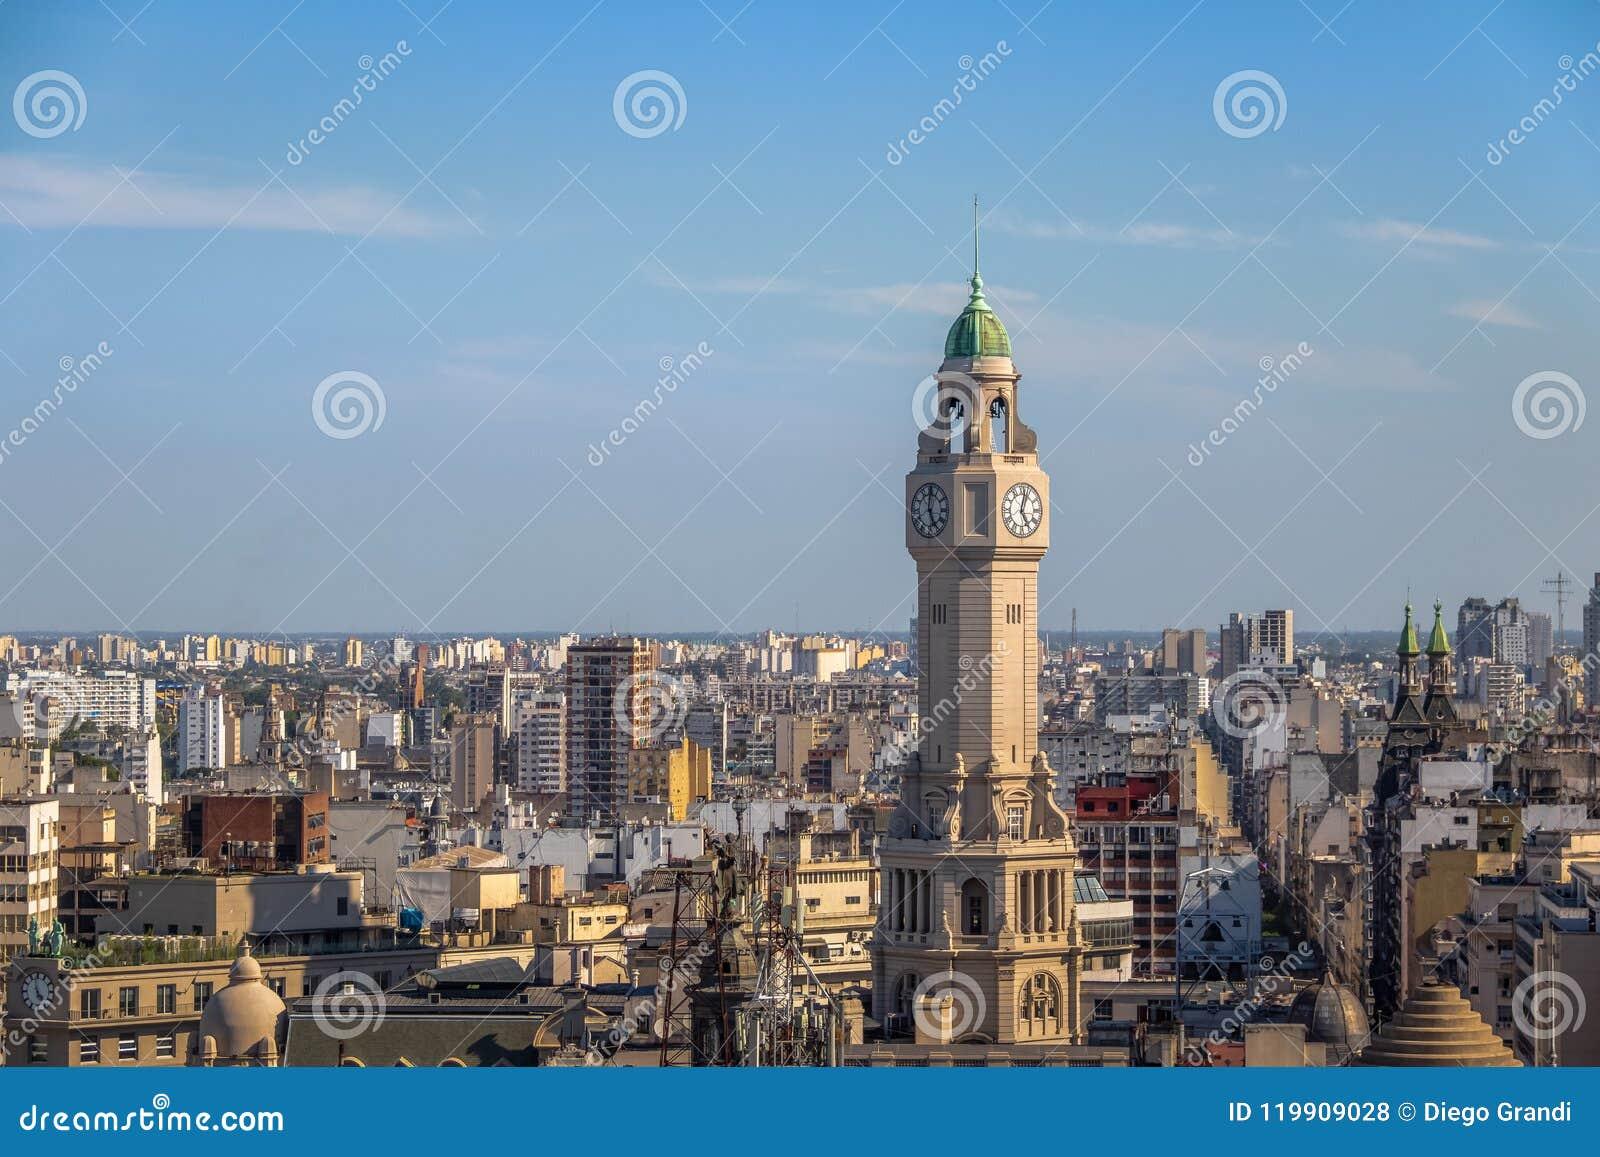 Torre da legislatura da cidade de Buenos Aires e vista aérea do centro - Buenos Aires, Argentina